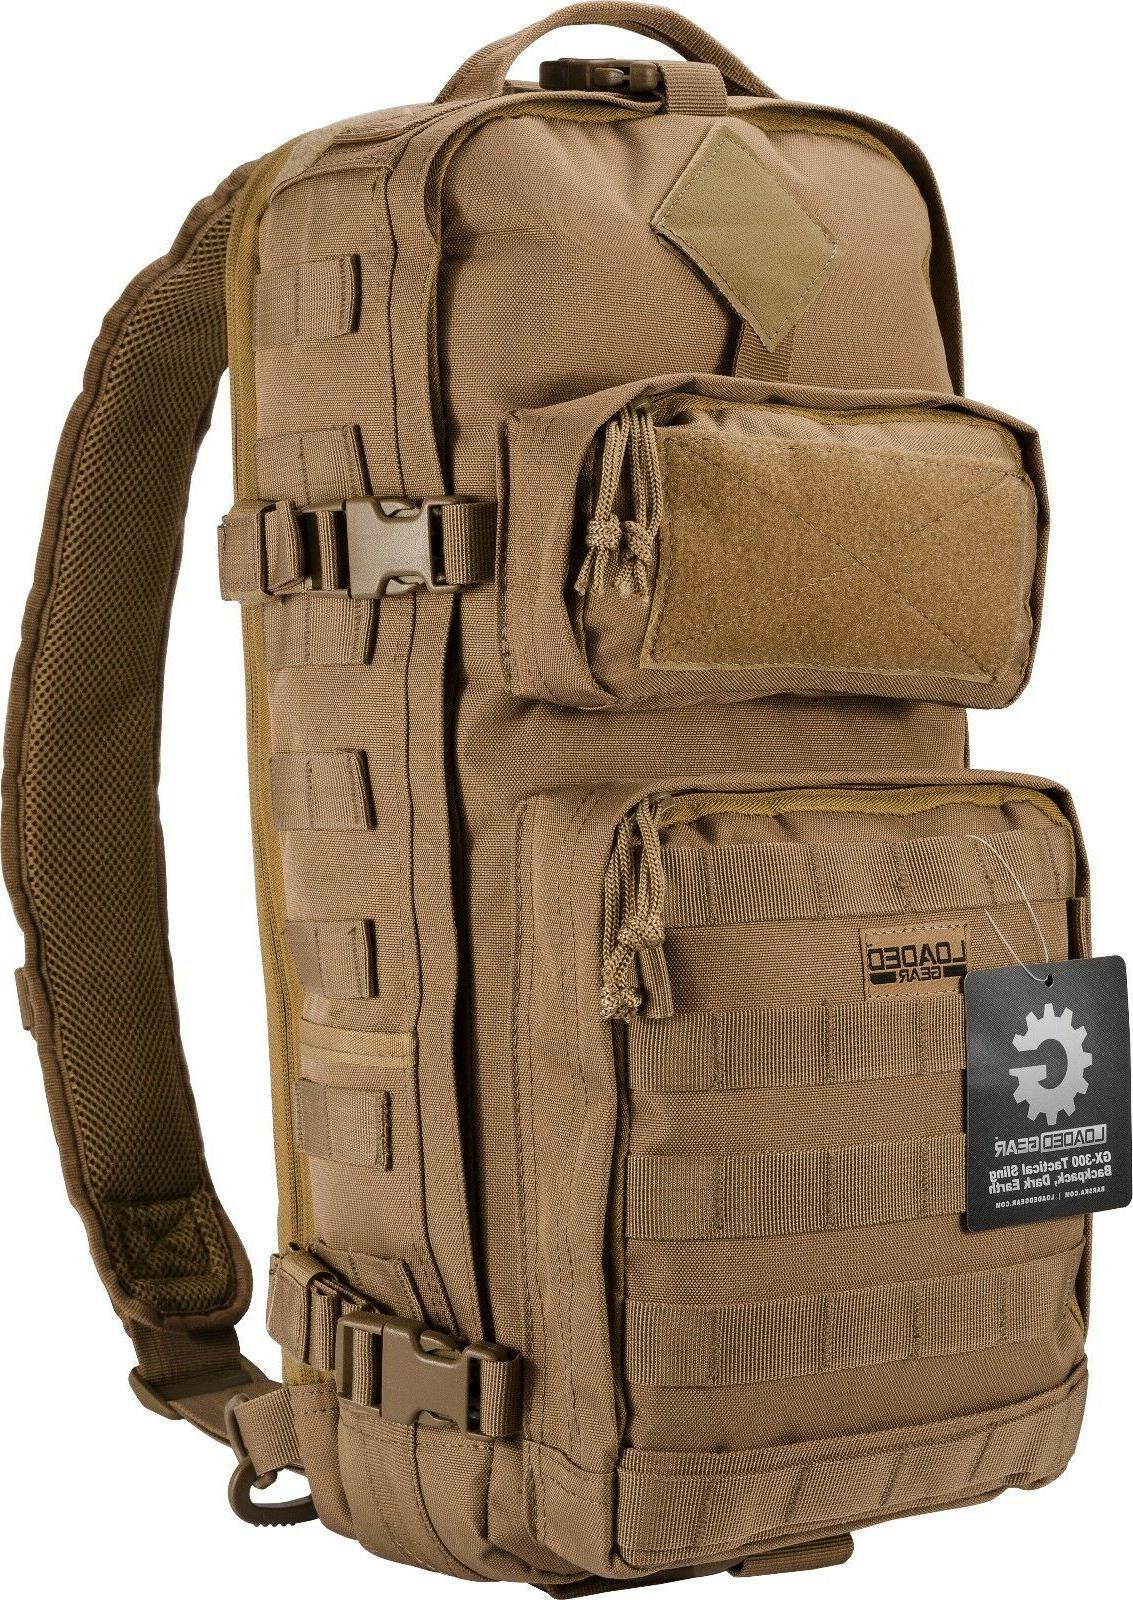 Barska Loaded Gear GX-300 Tactical Sling Bckpck - Dark Earth